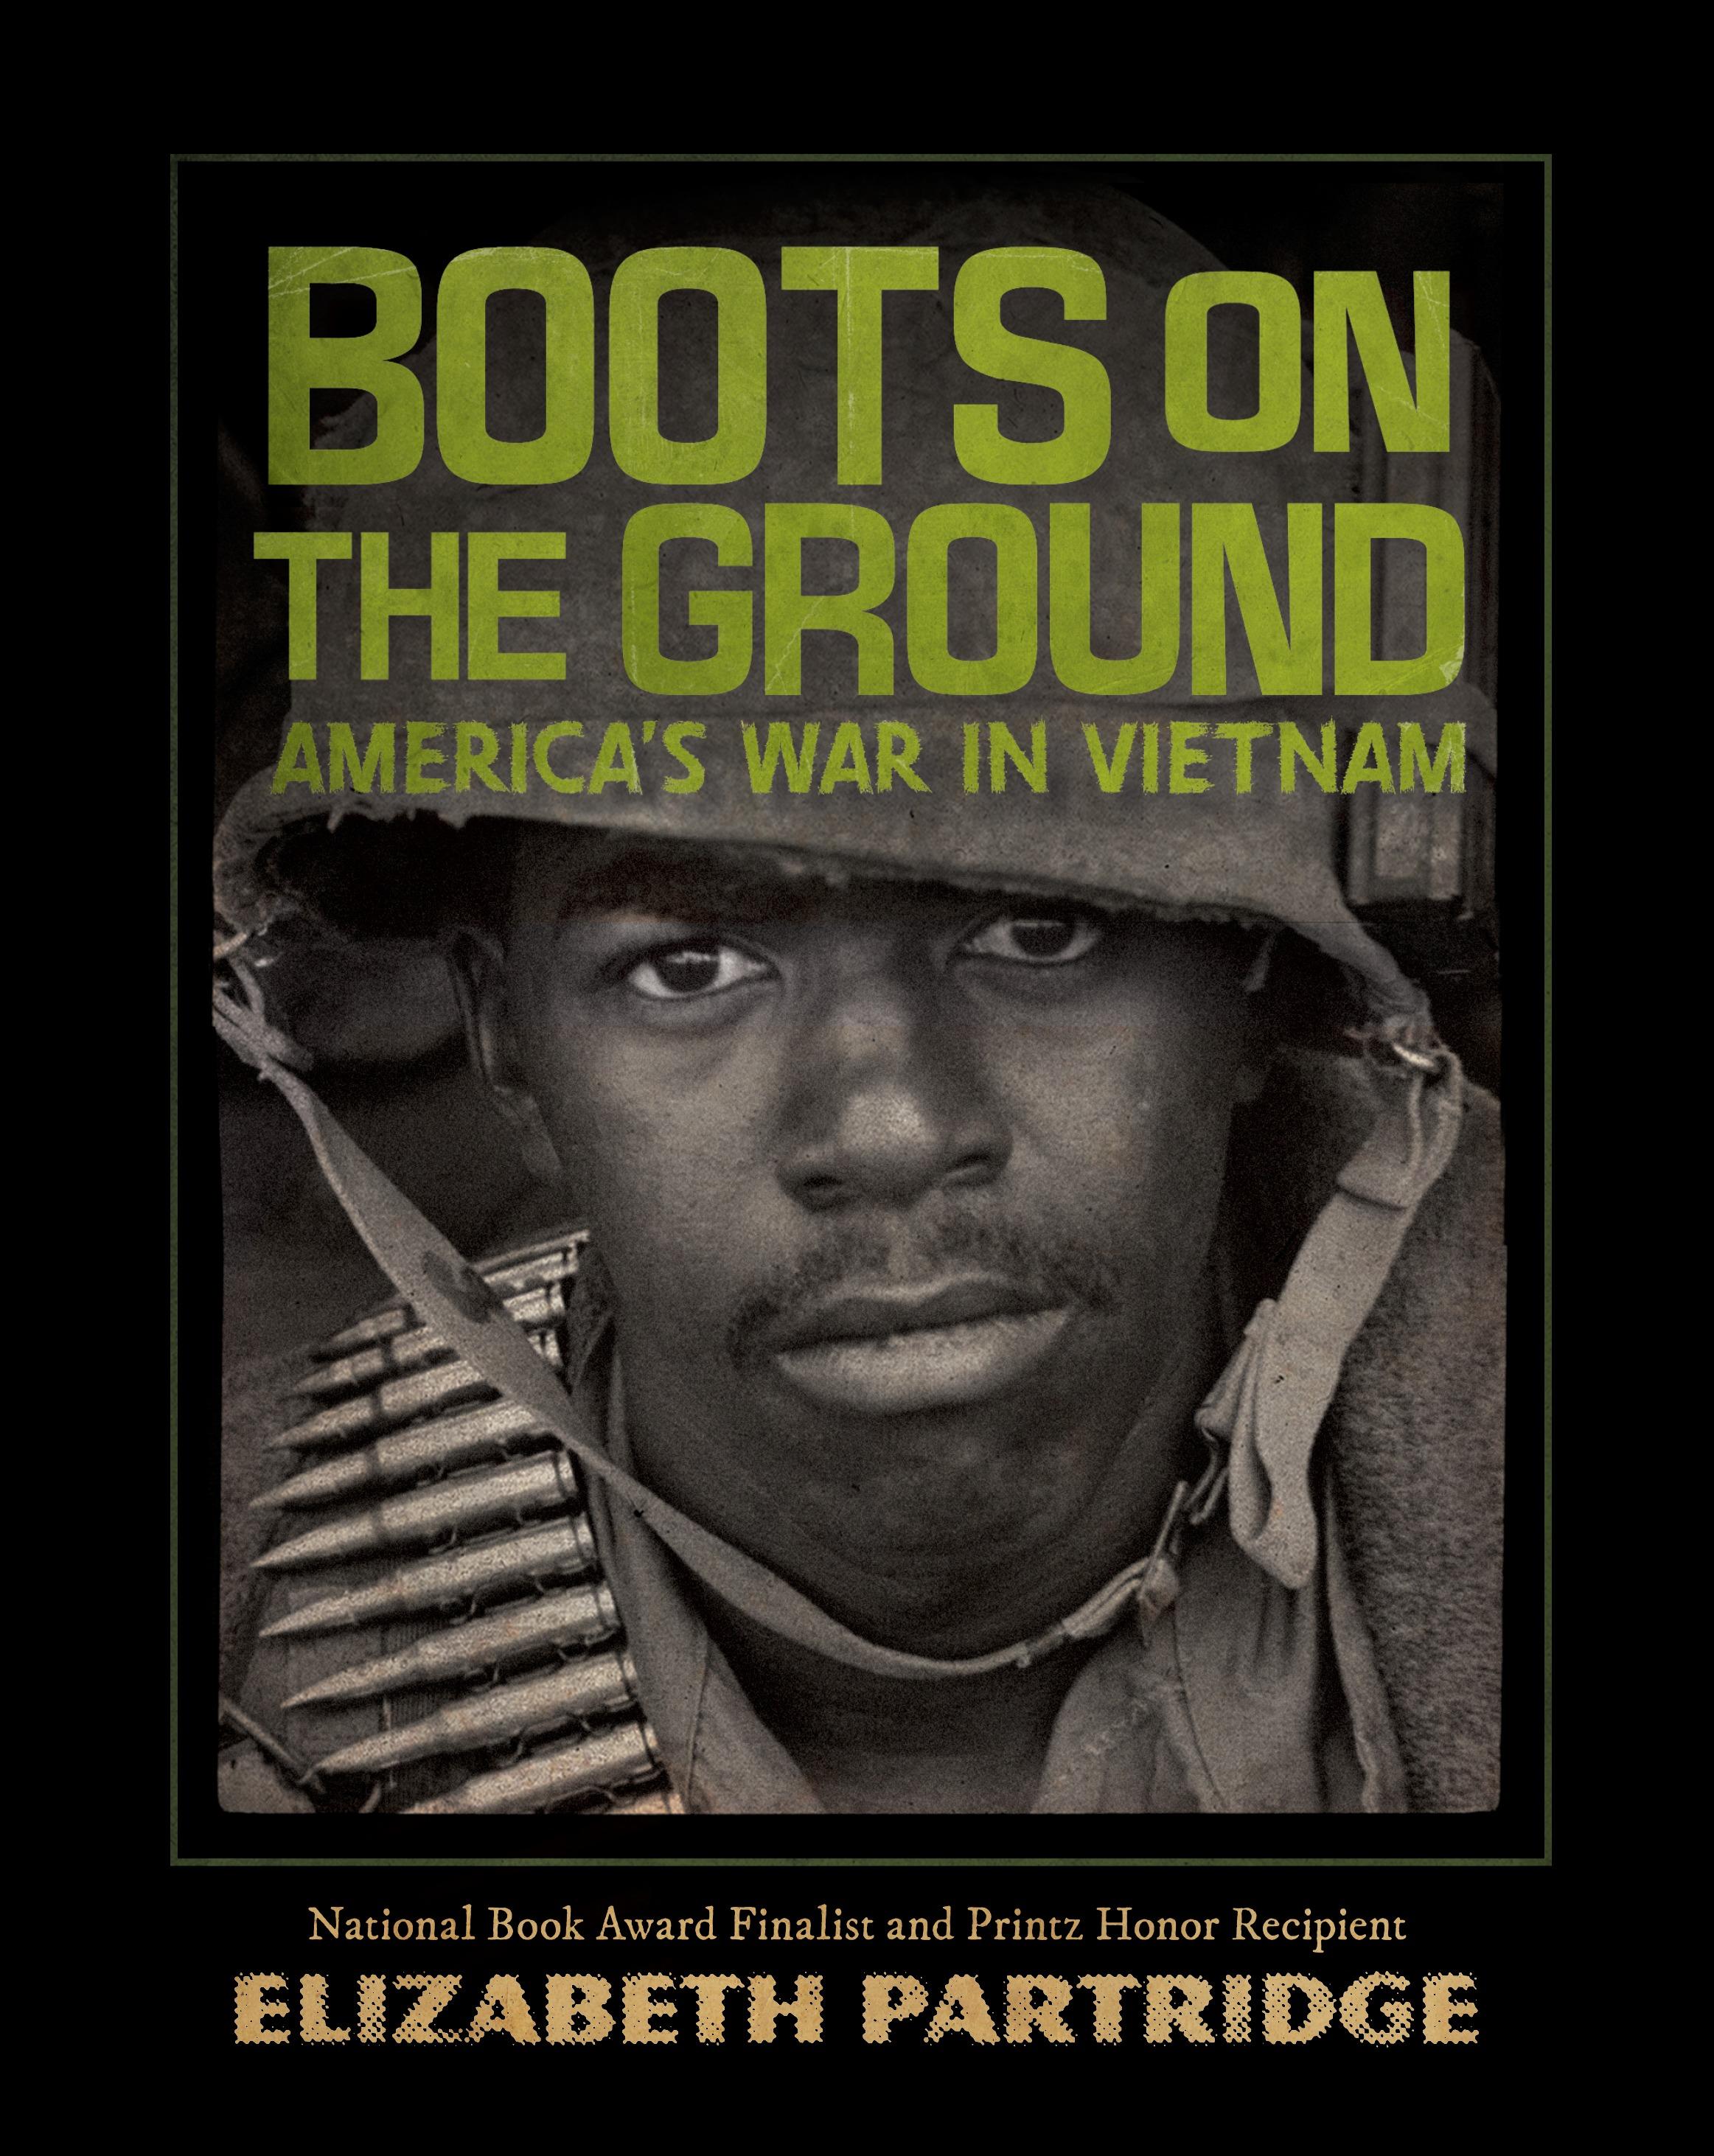 Elizabeth Partridge - Boots on the Ground - America's War in Vietnam.jpg